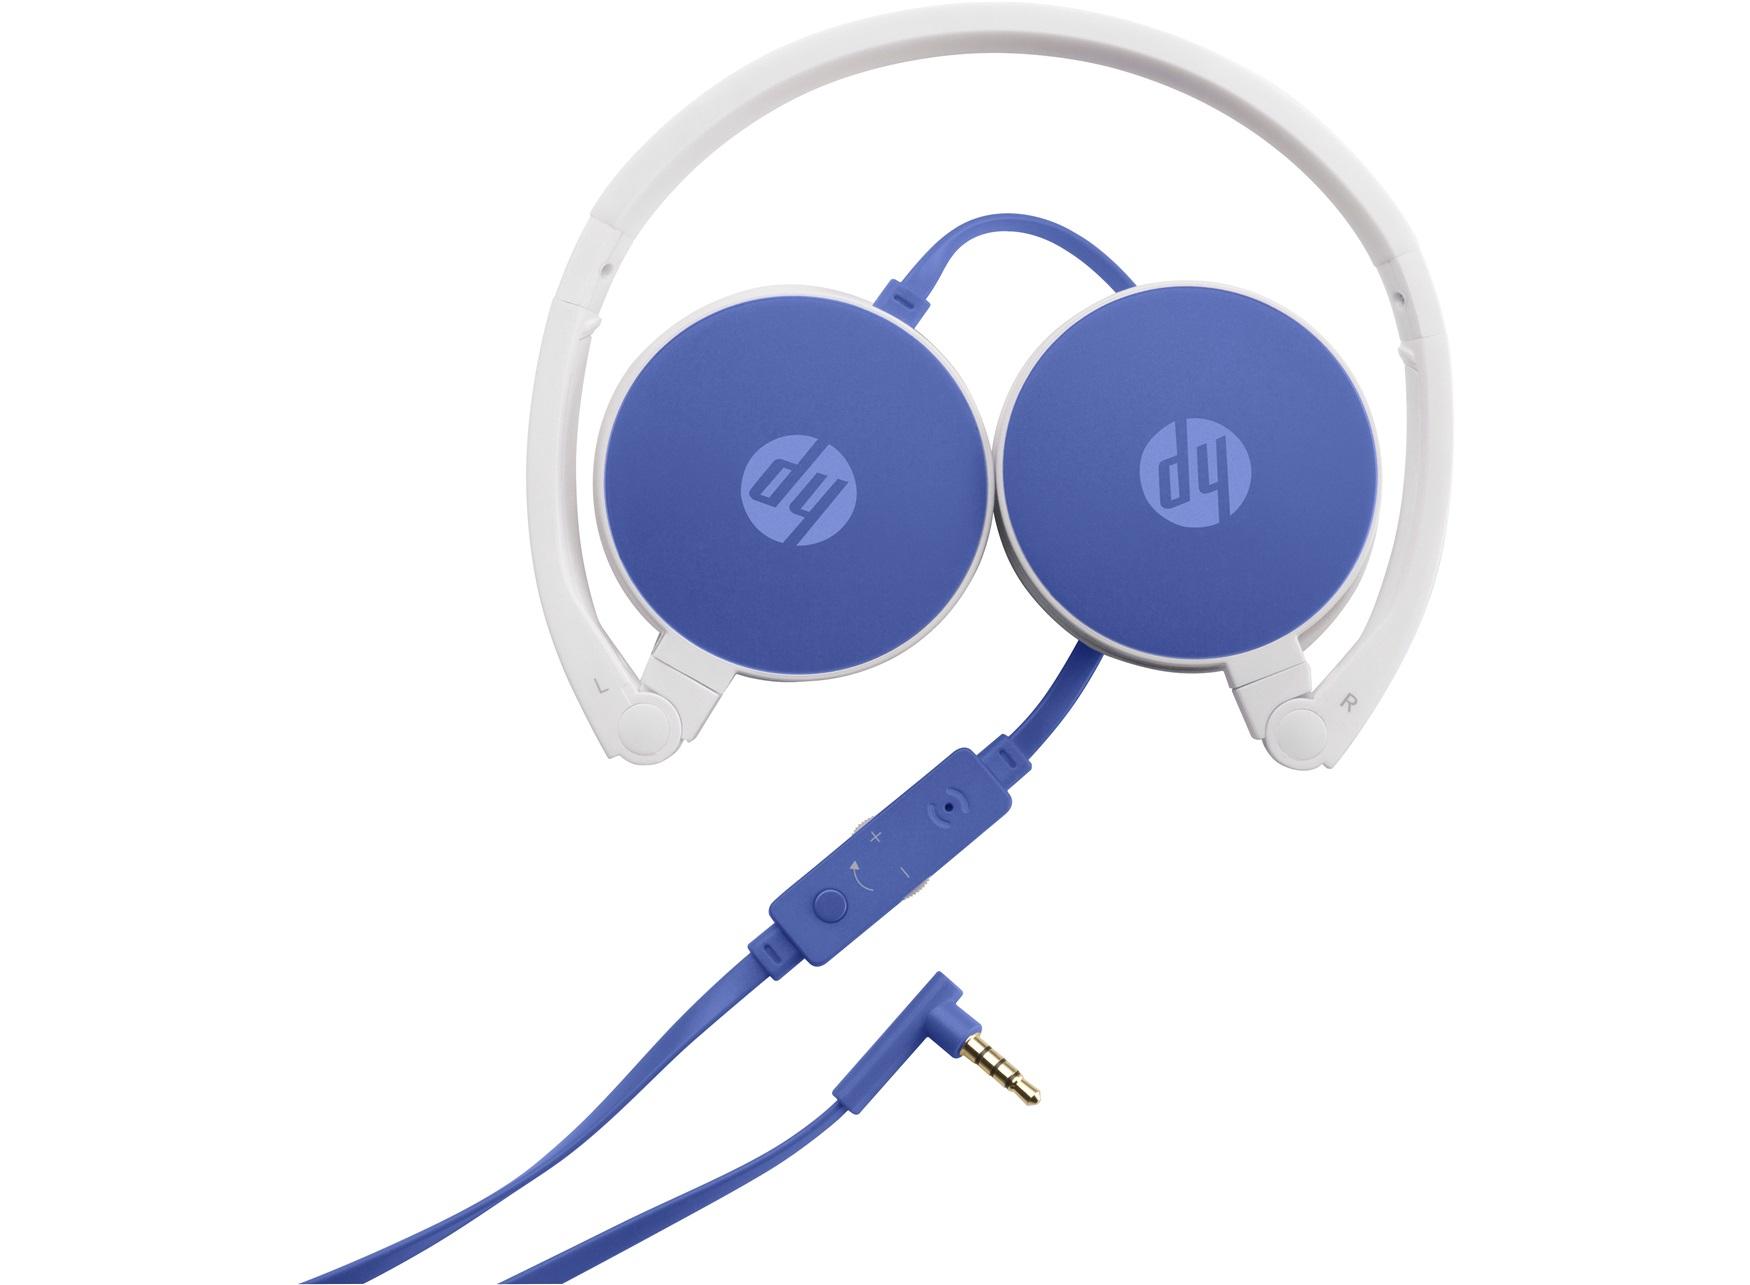 HP H2800 - Kopfhörer mit Mikrofon - Full-Size